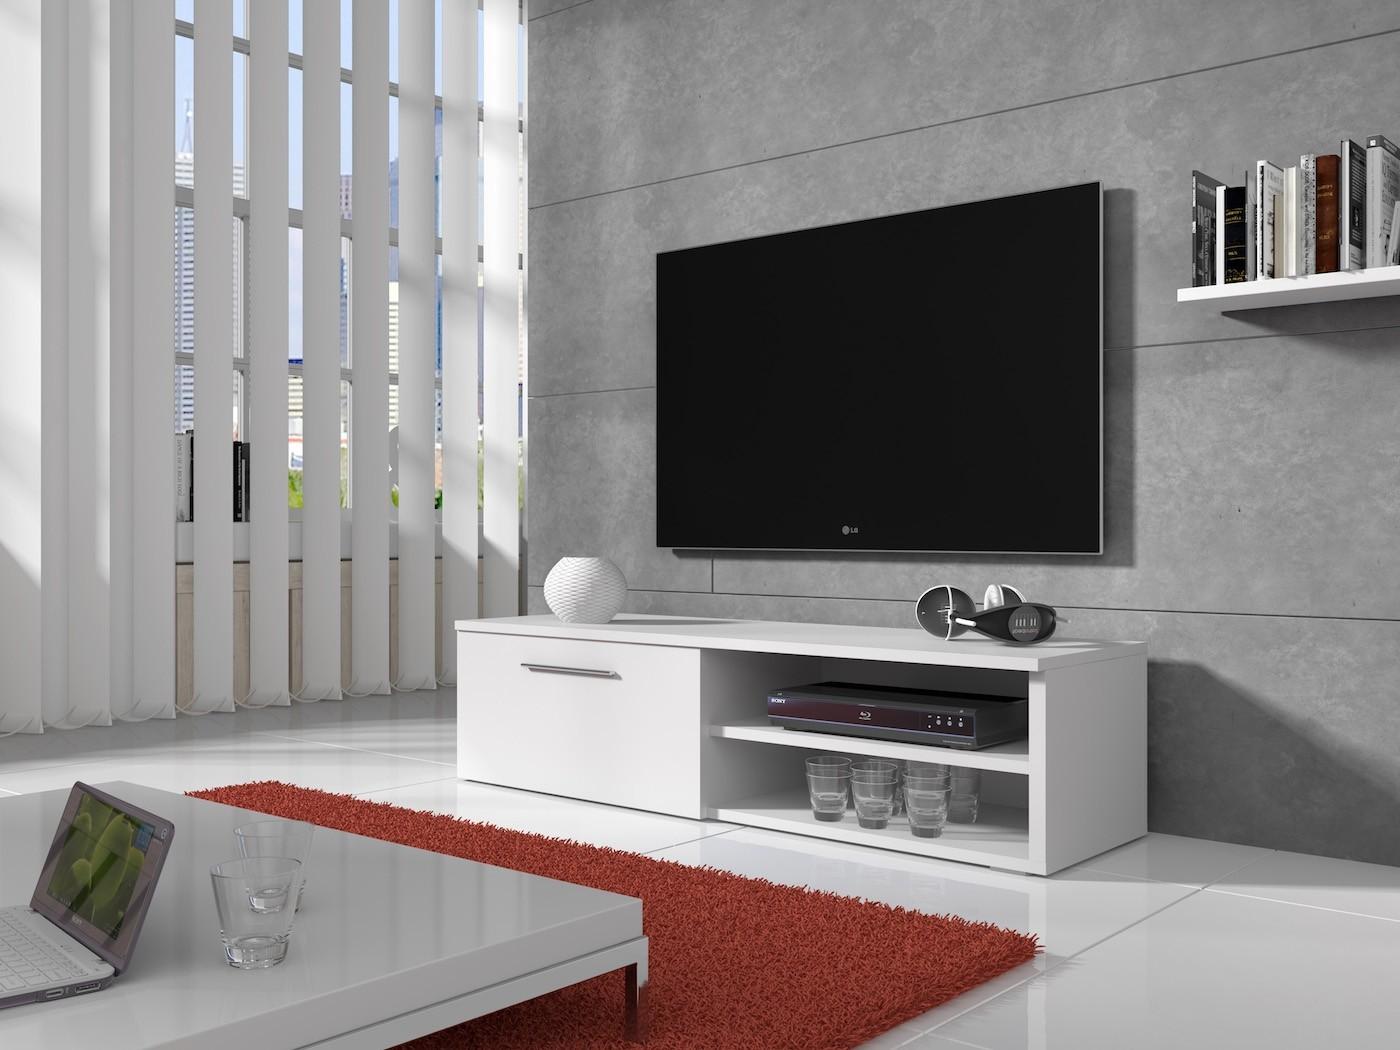 Tv Kast Wit Modern.Tv Meubel Bash Wit Mat 120 Cm Meubella